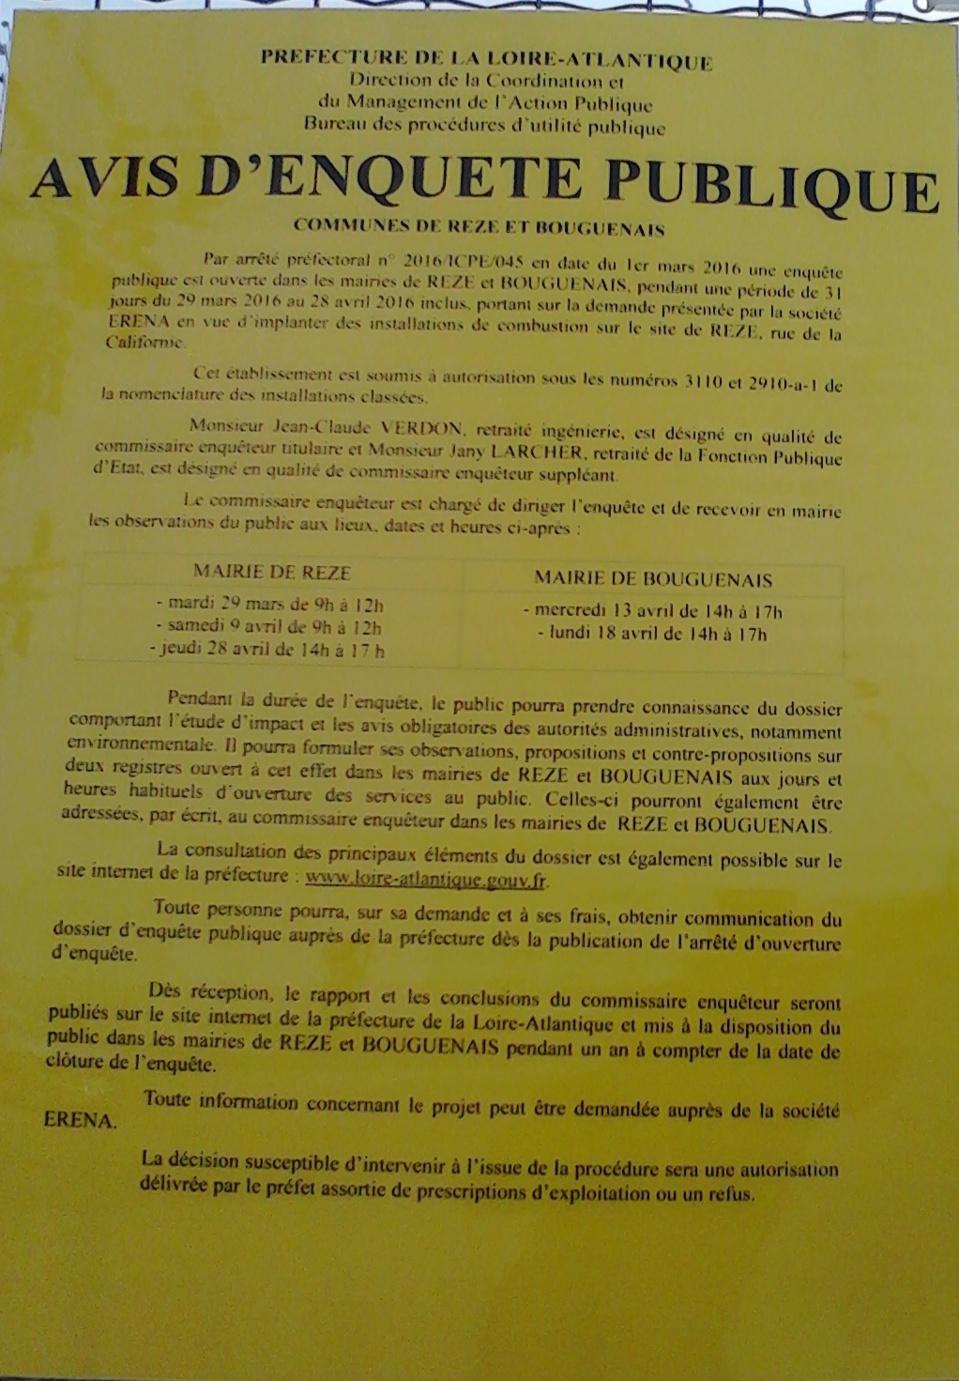 Avis d'enquête publique su 29 mars au 28 avril 2016 REZE et BOUGUENAIS.